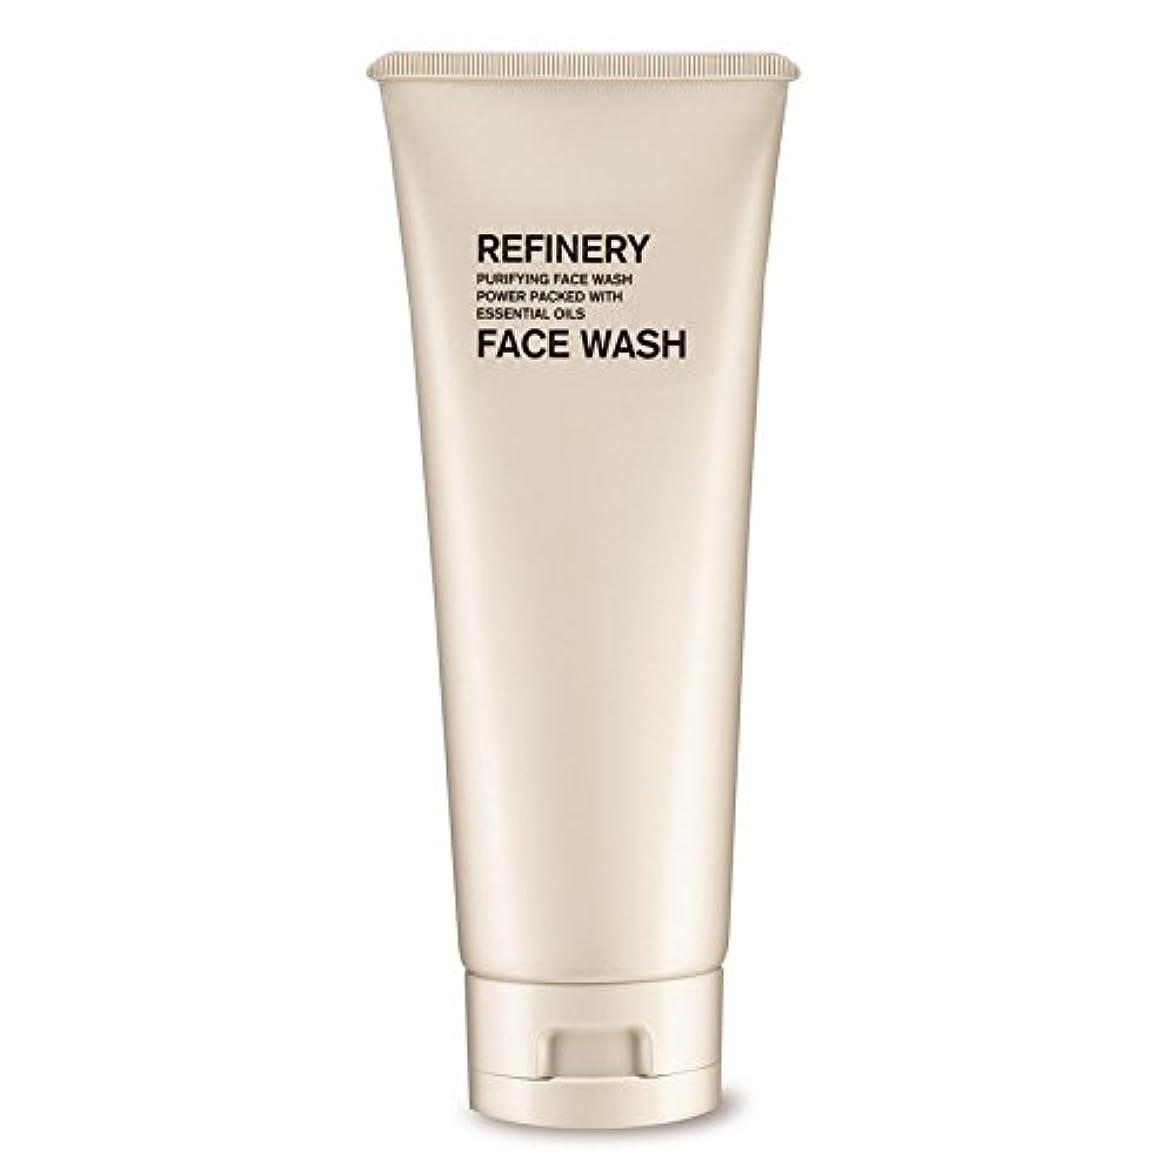 感じる一月製油所洗顔の100ミリリットル x2 - The Refinery Face Wash 100ml (Pack of 2) [並行輸入品]